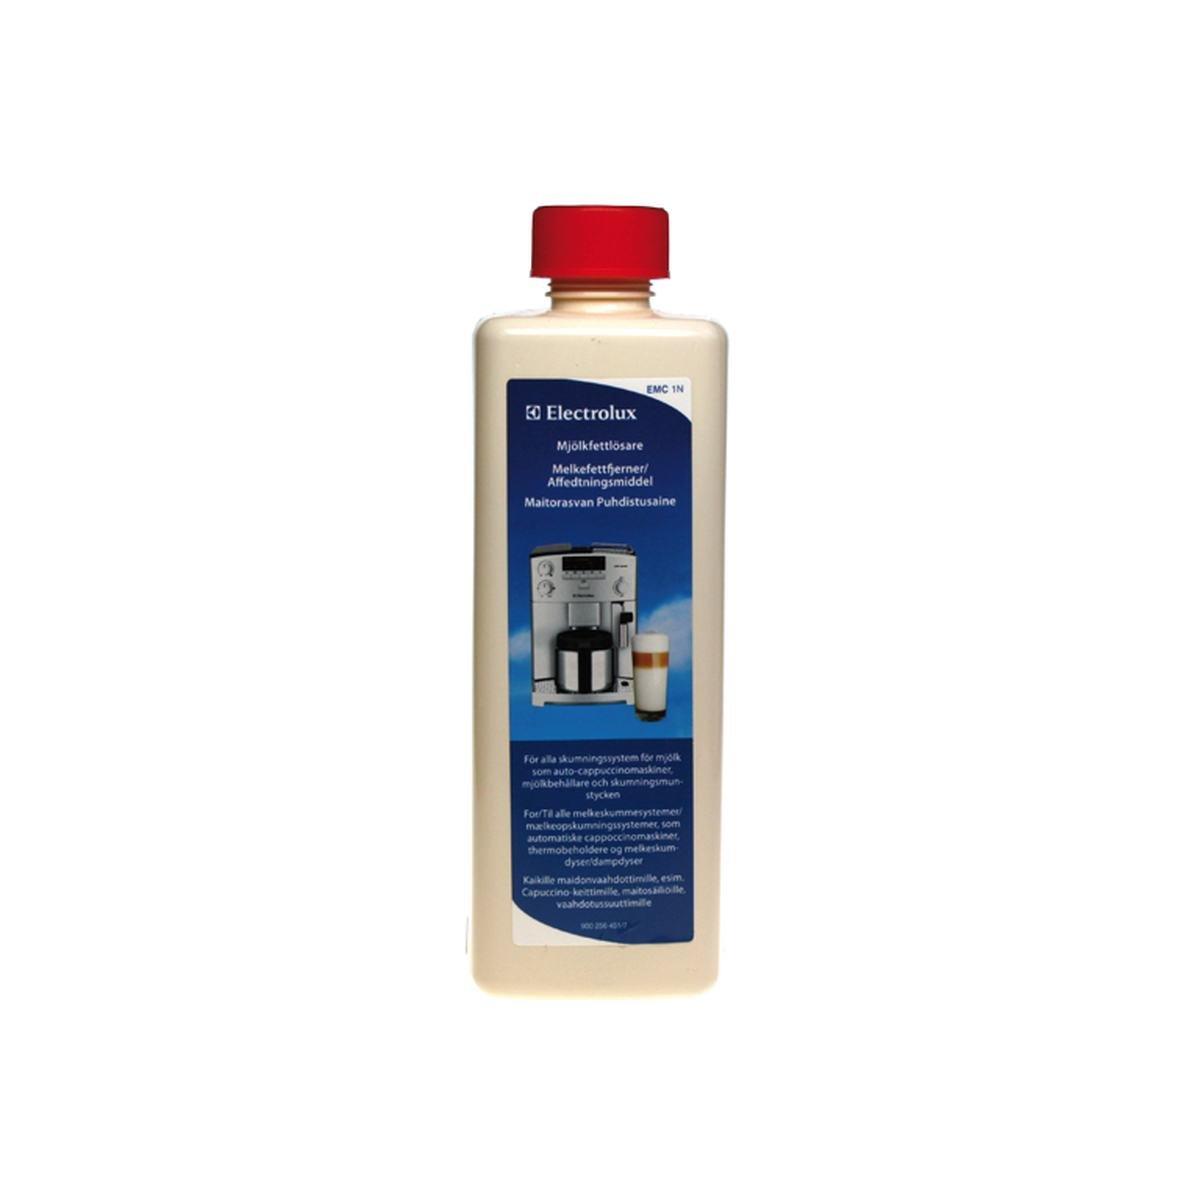 Affedtningsmiddel til mælkesystemer EMC 1N